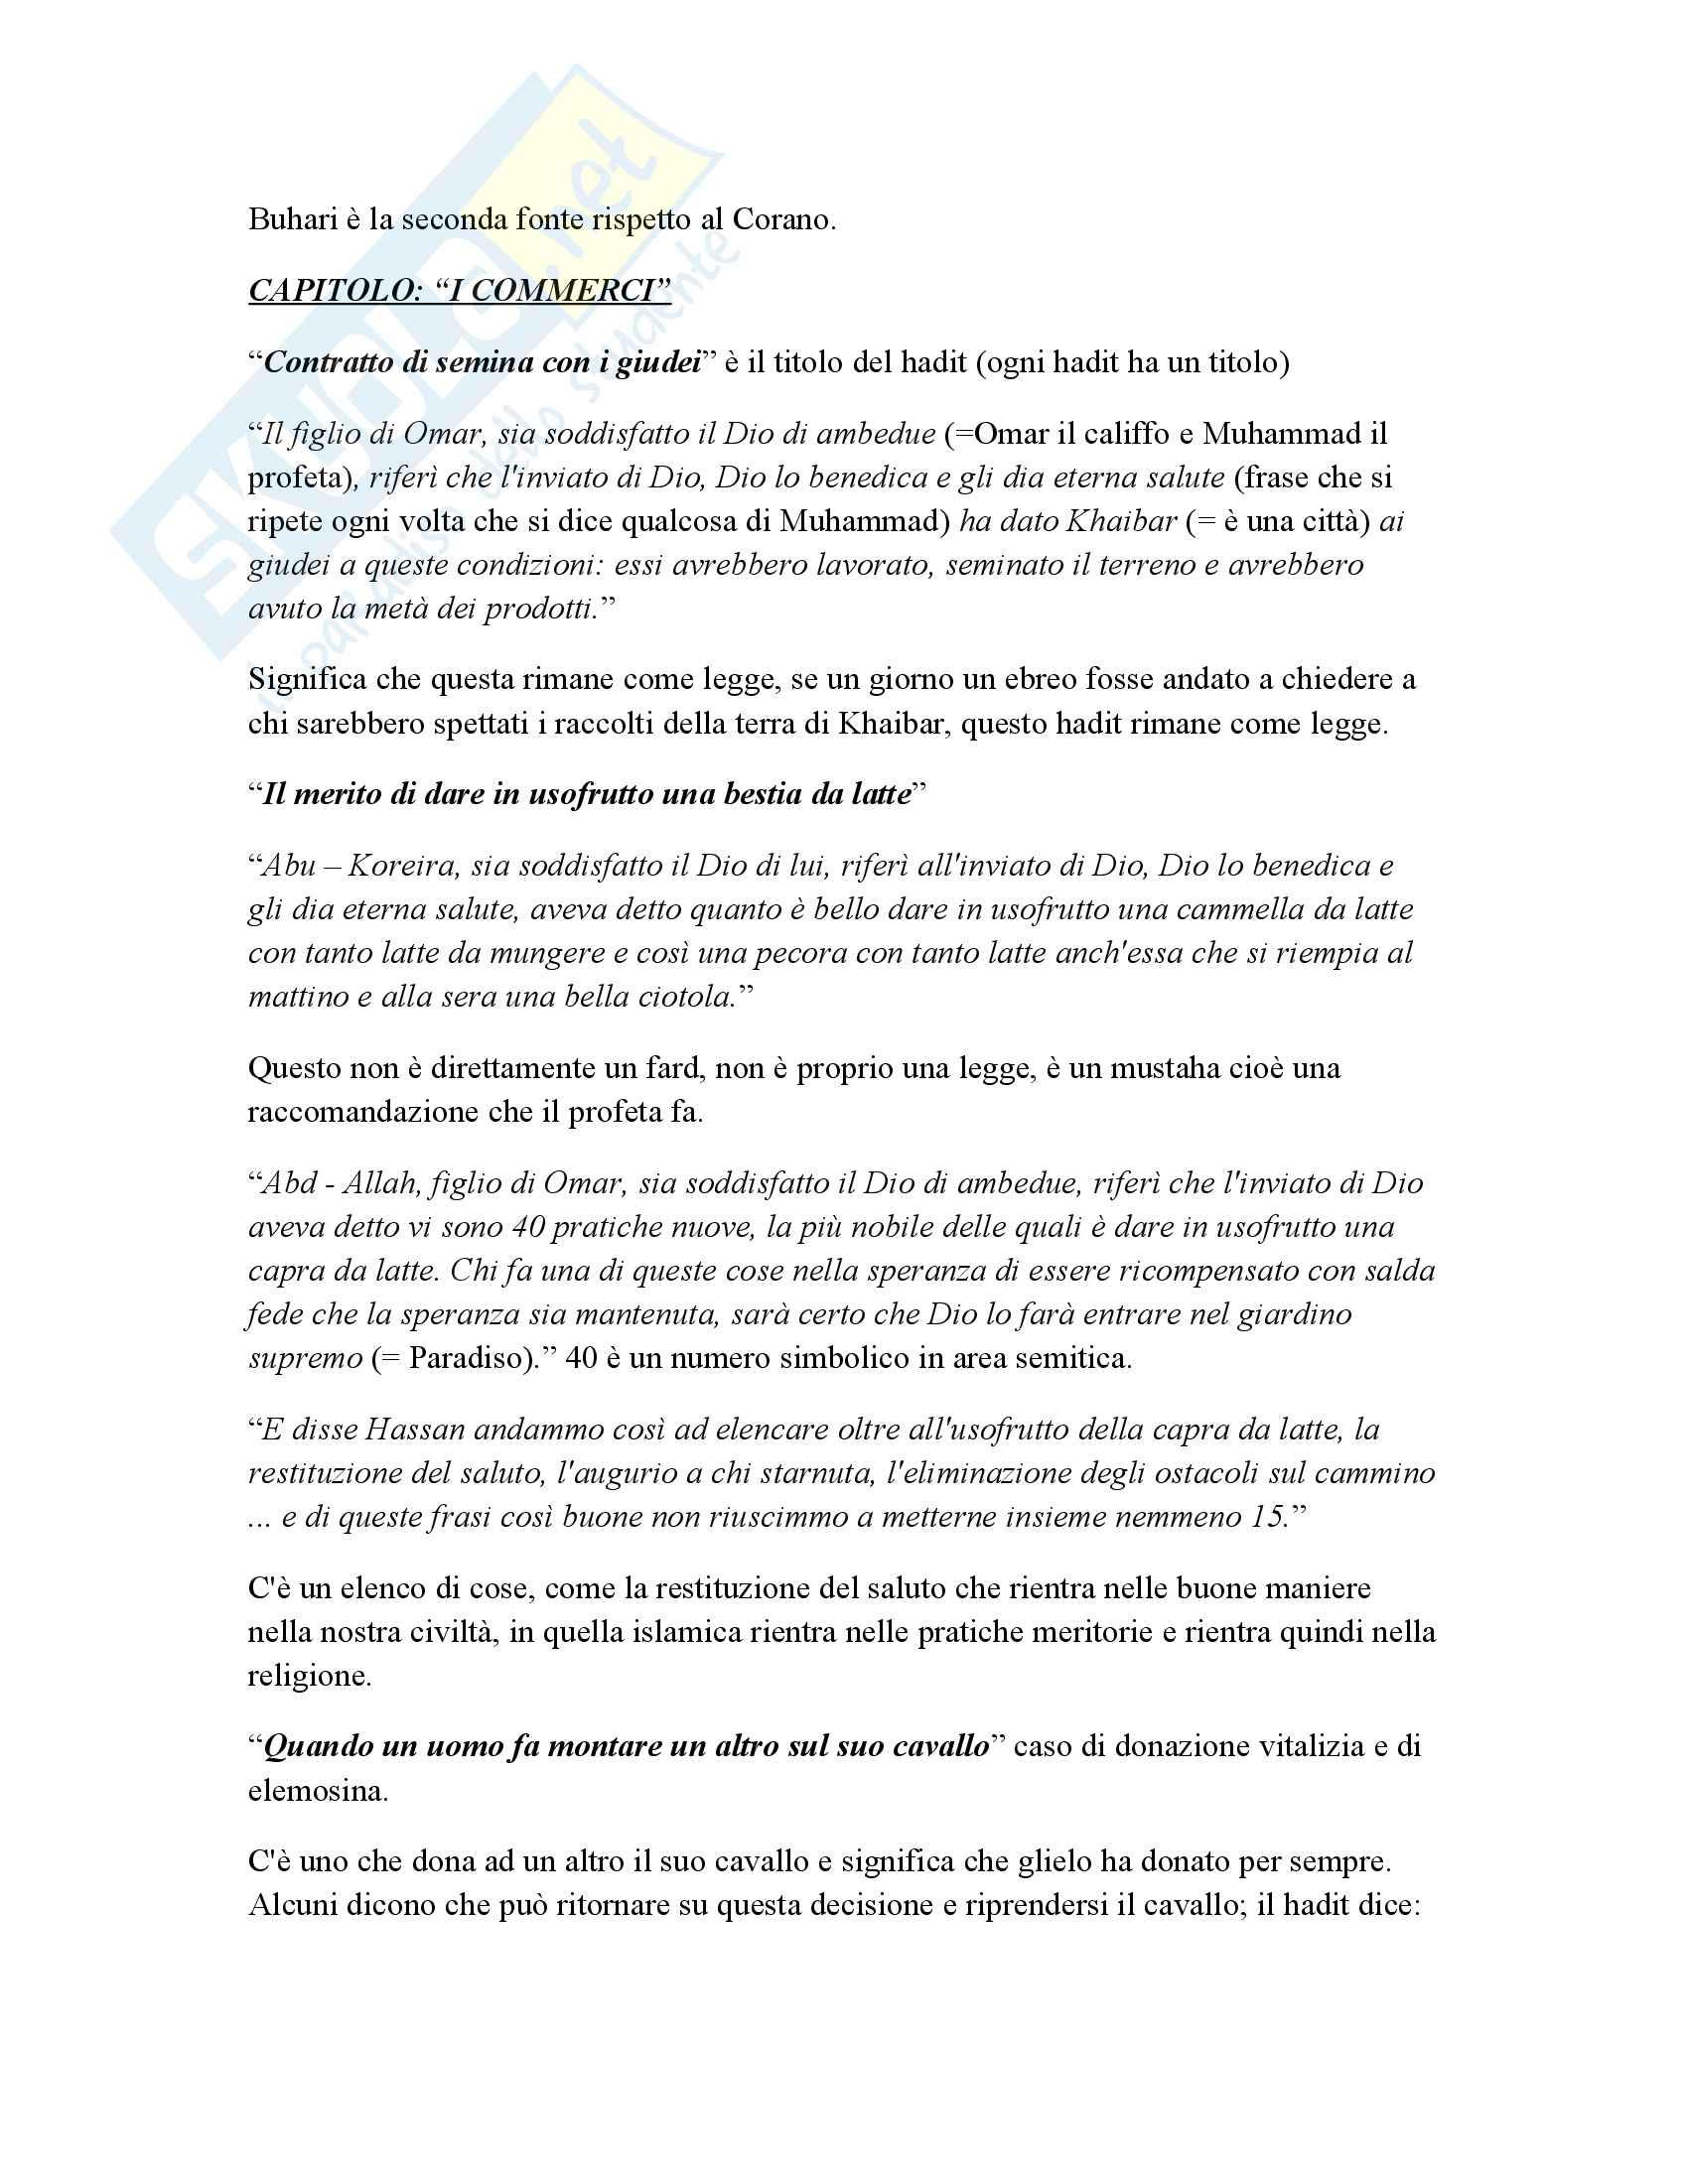 Appunti esame Antropologia culturale dei paesi arabi, prof. Persichetti Pag. 31